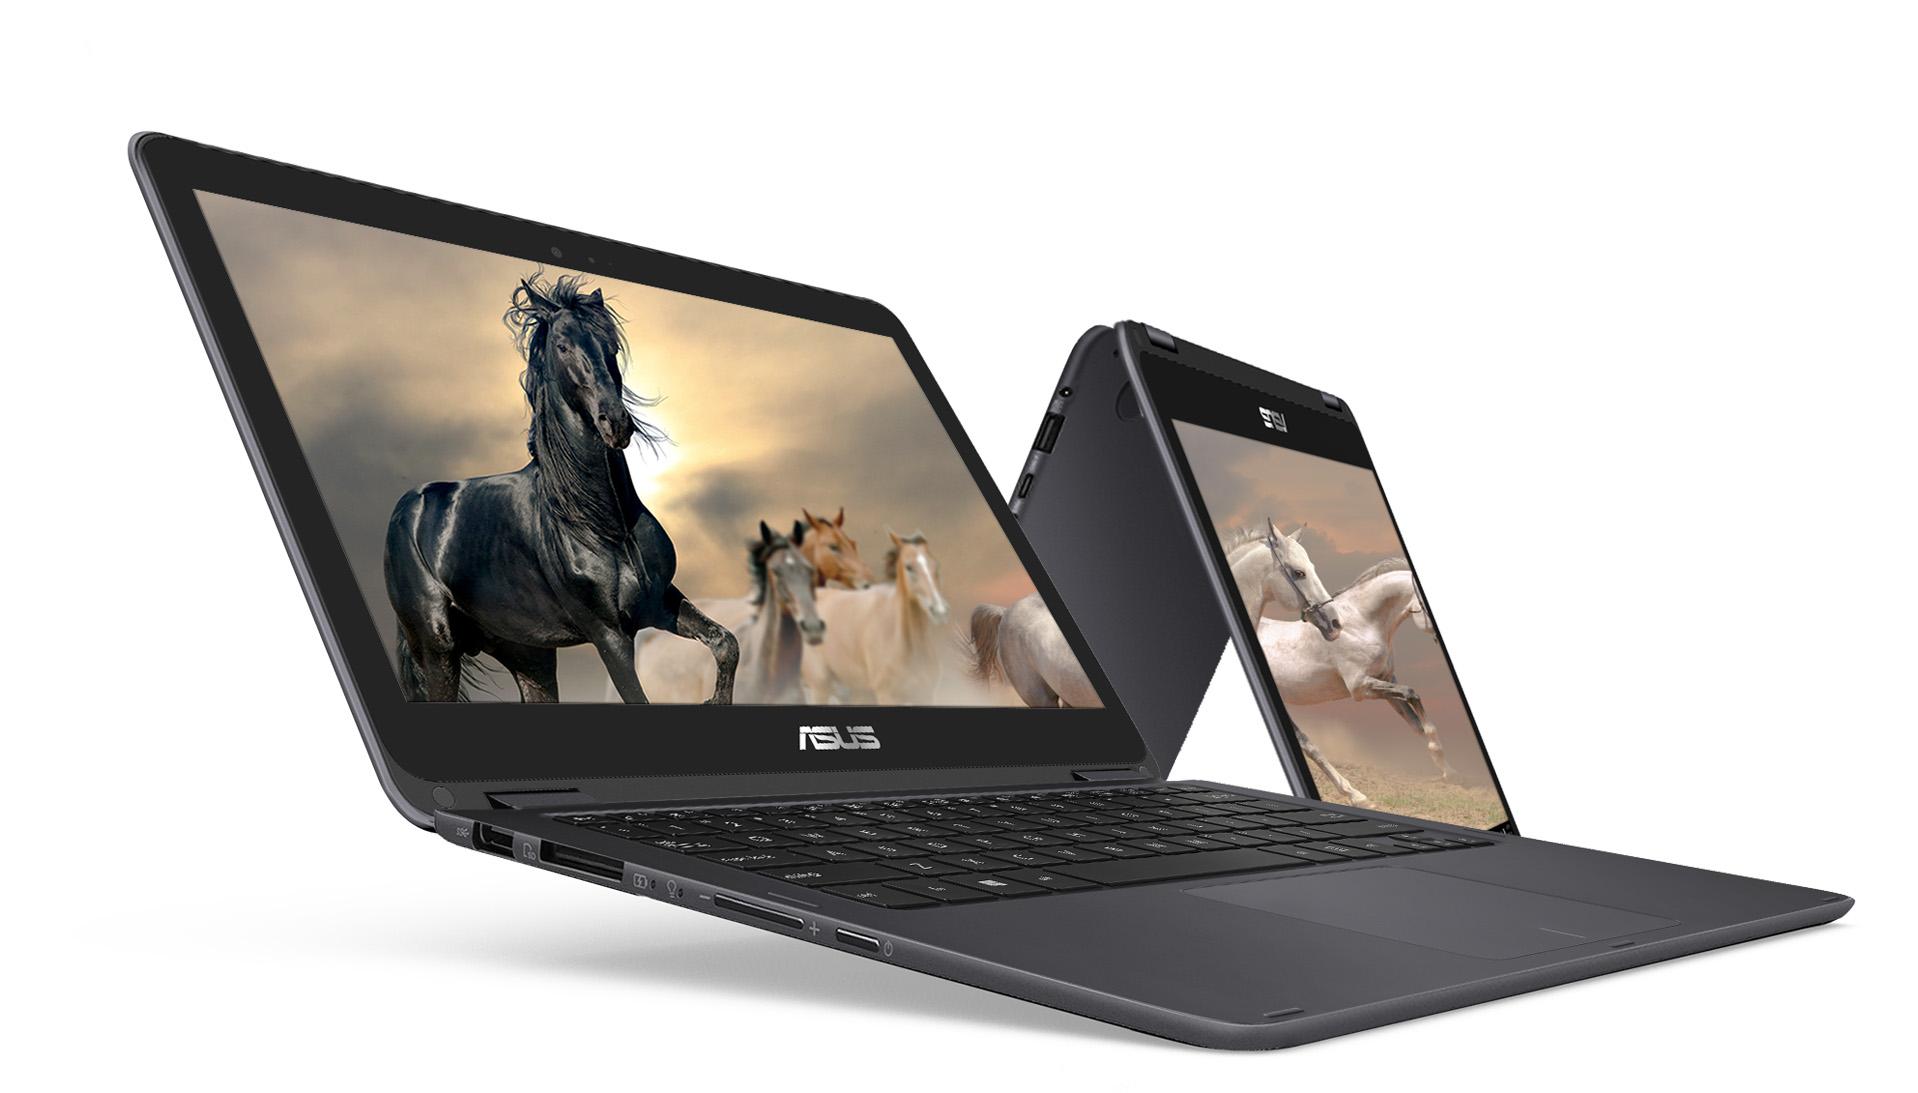 The ZenBook Flip UX360